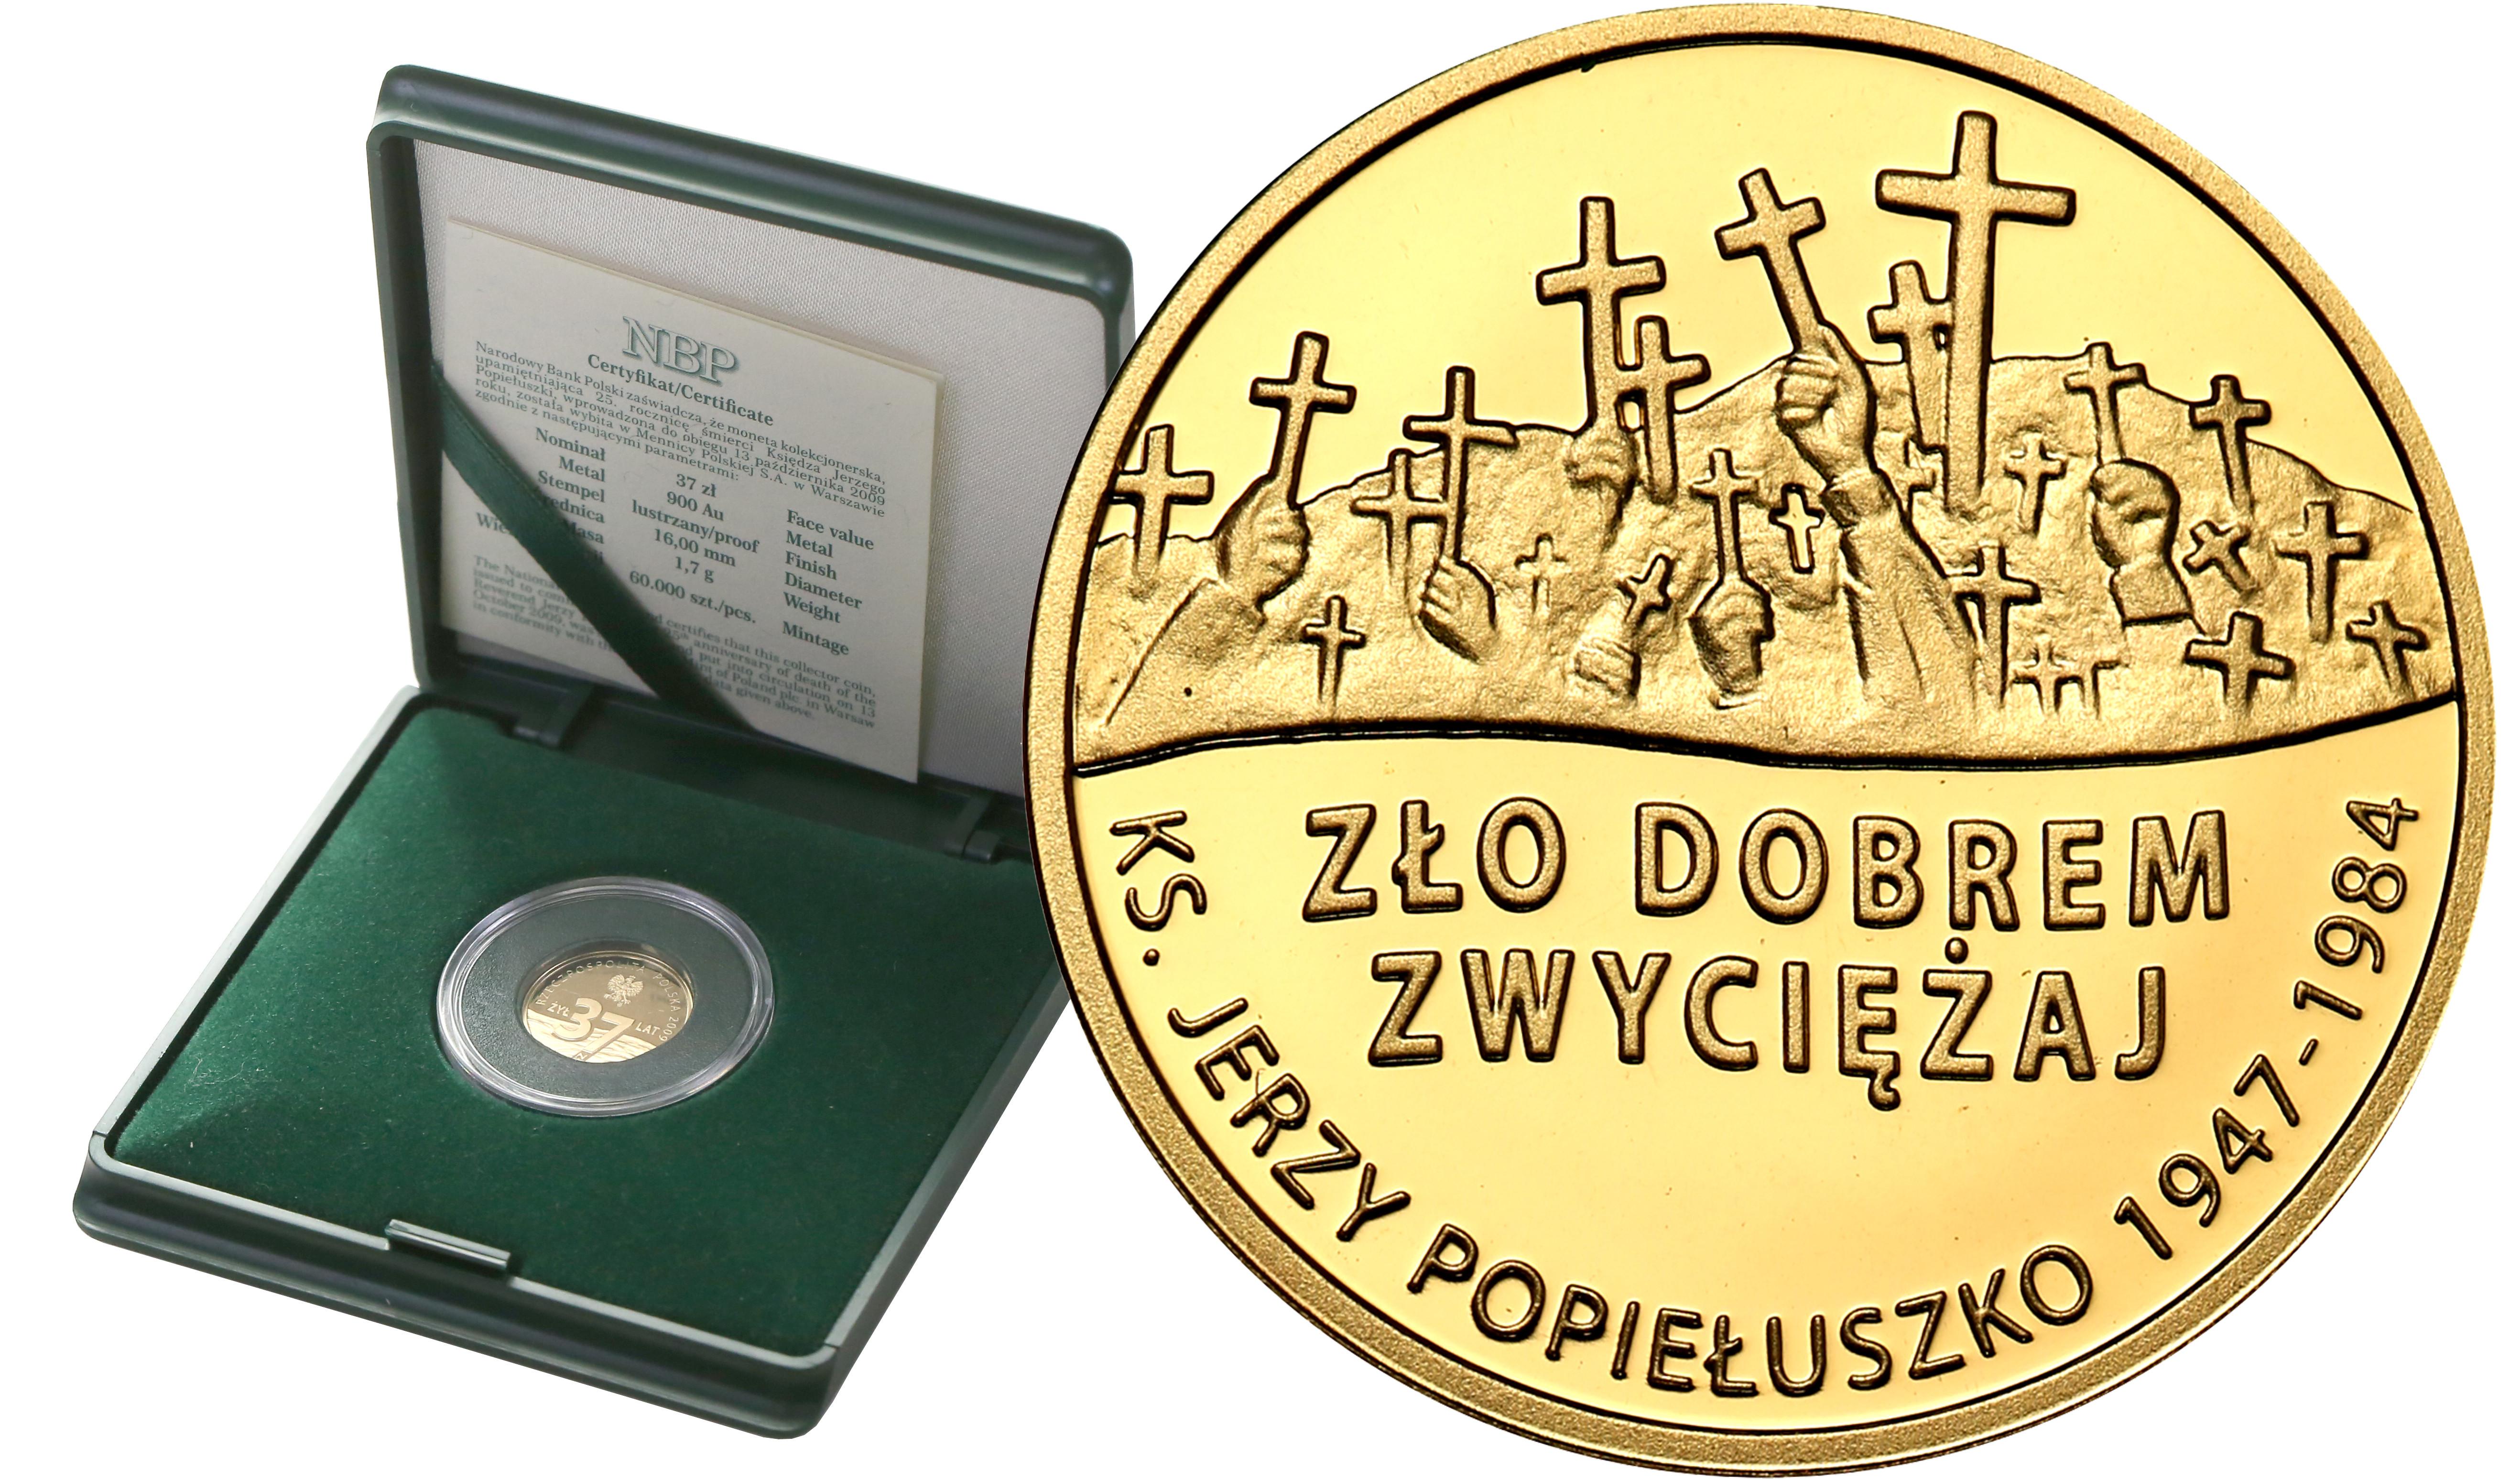 Polska. 37 złotych 2009 ks. Jerzy Popiełuszko - ZŁOTO